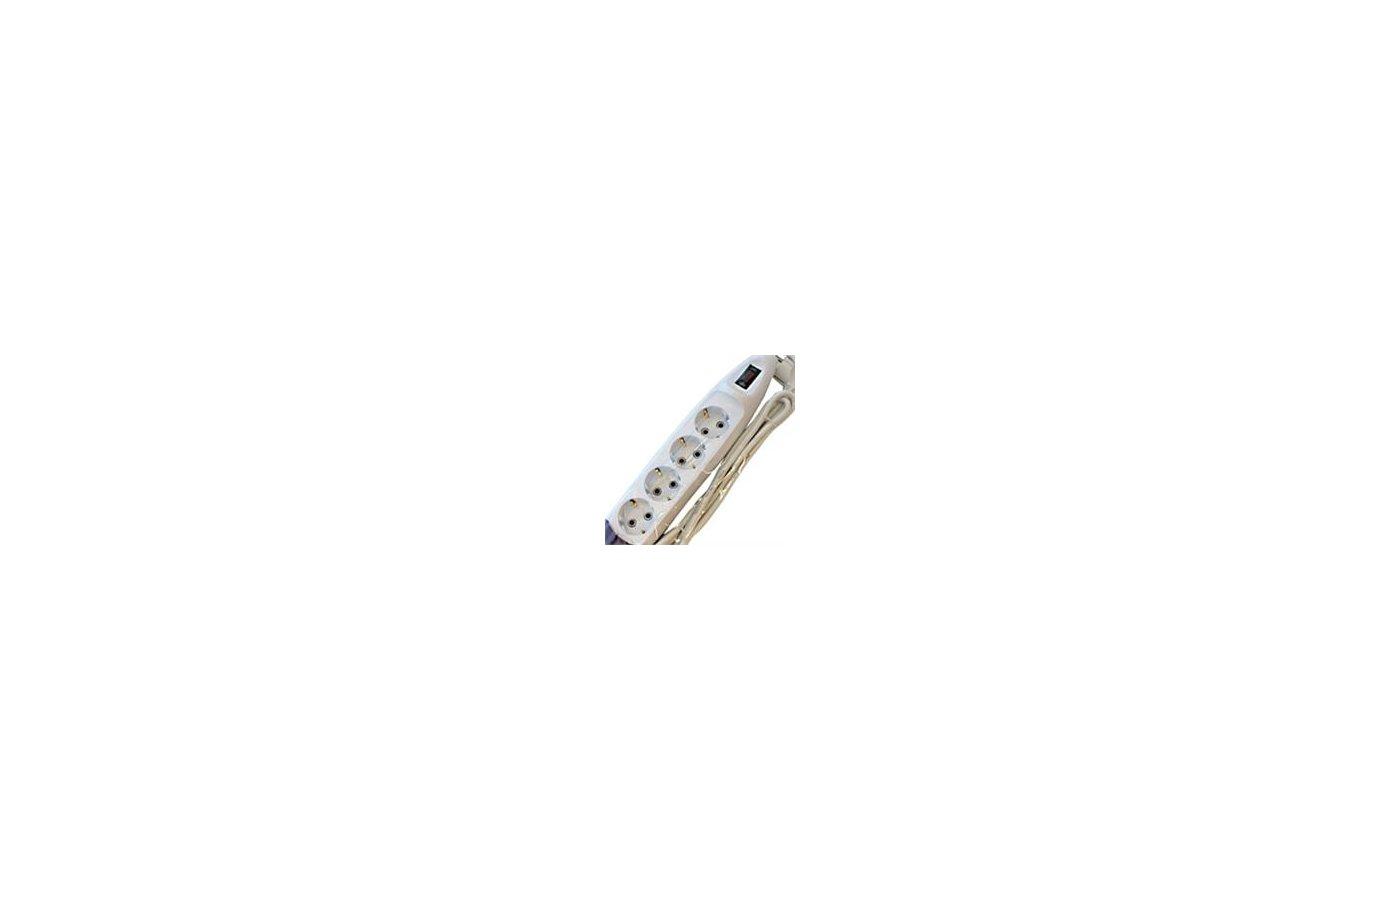 Удлинитель Vinon 4x 3м с/з выкл 10А (78413)